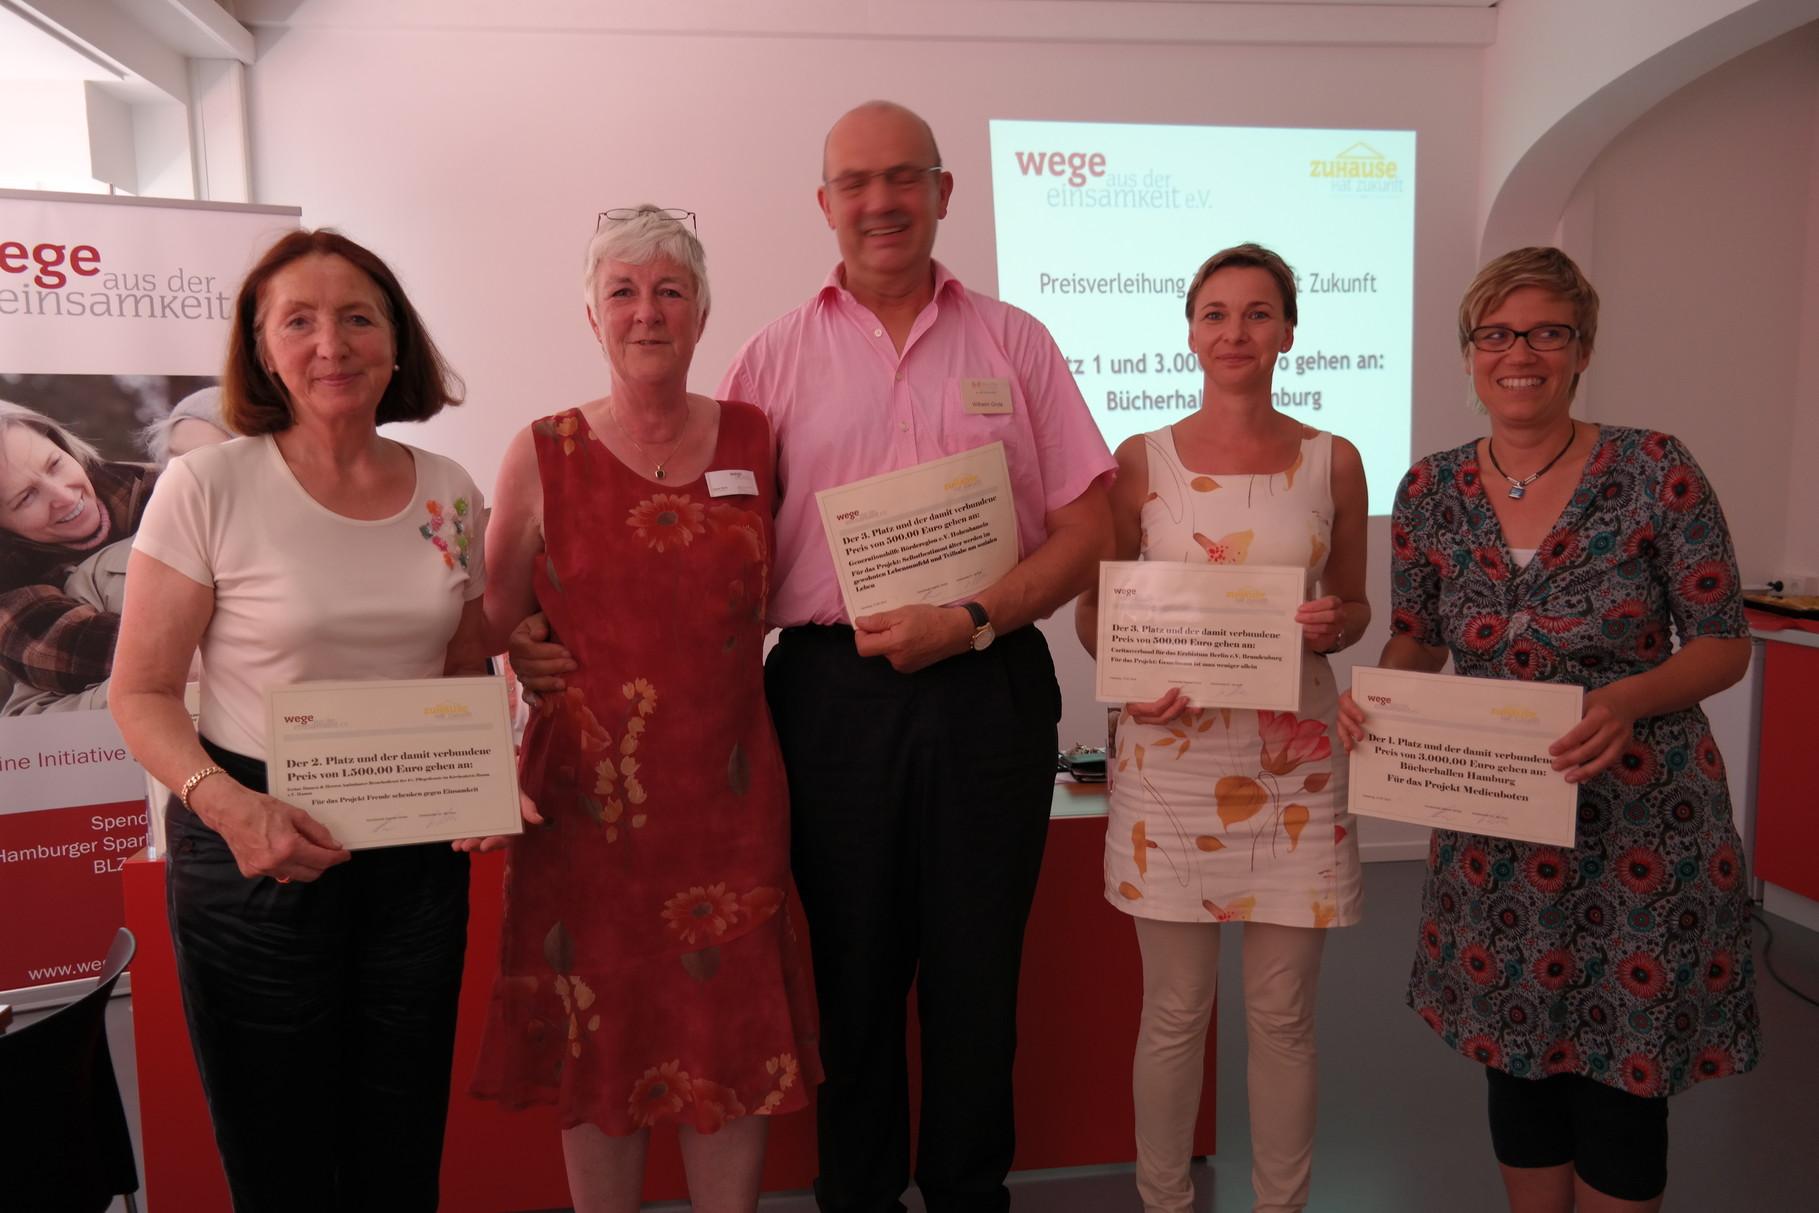 Sieger vom Wettbewerb Zuhause hat Zukunft 2014 v.l. Wera Grote, Dagmar Hirche, Wilhelm Grote, Anett Kießig, Christine Rißmann